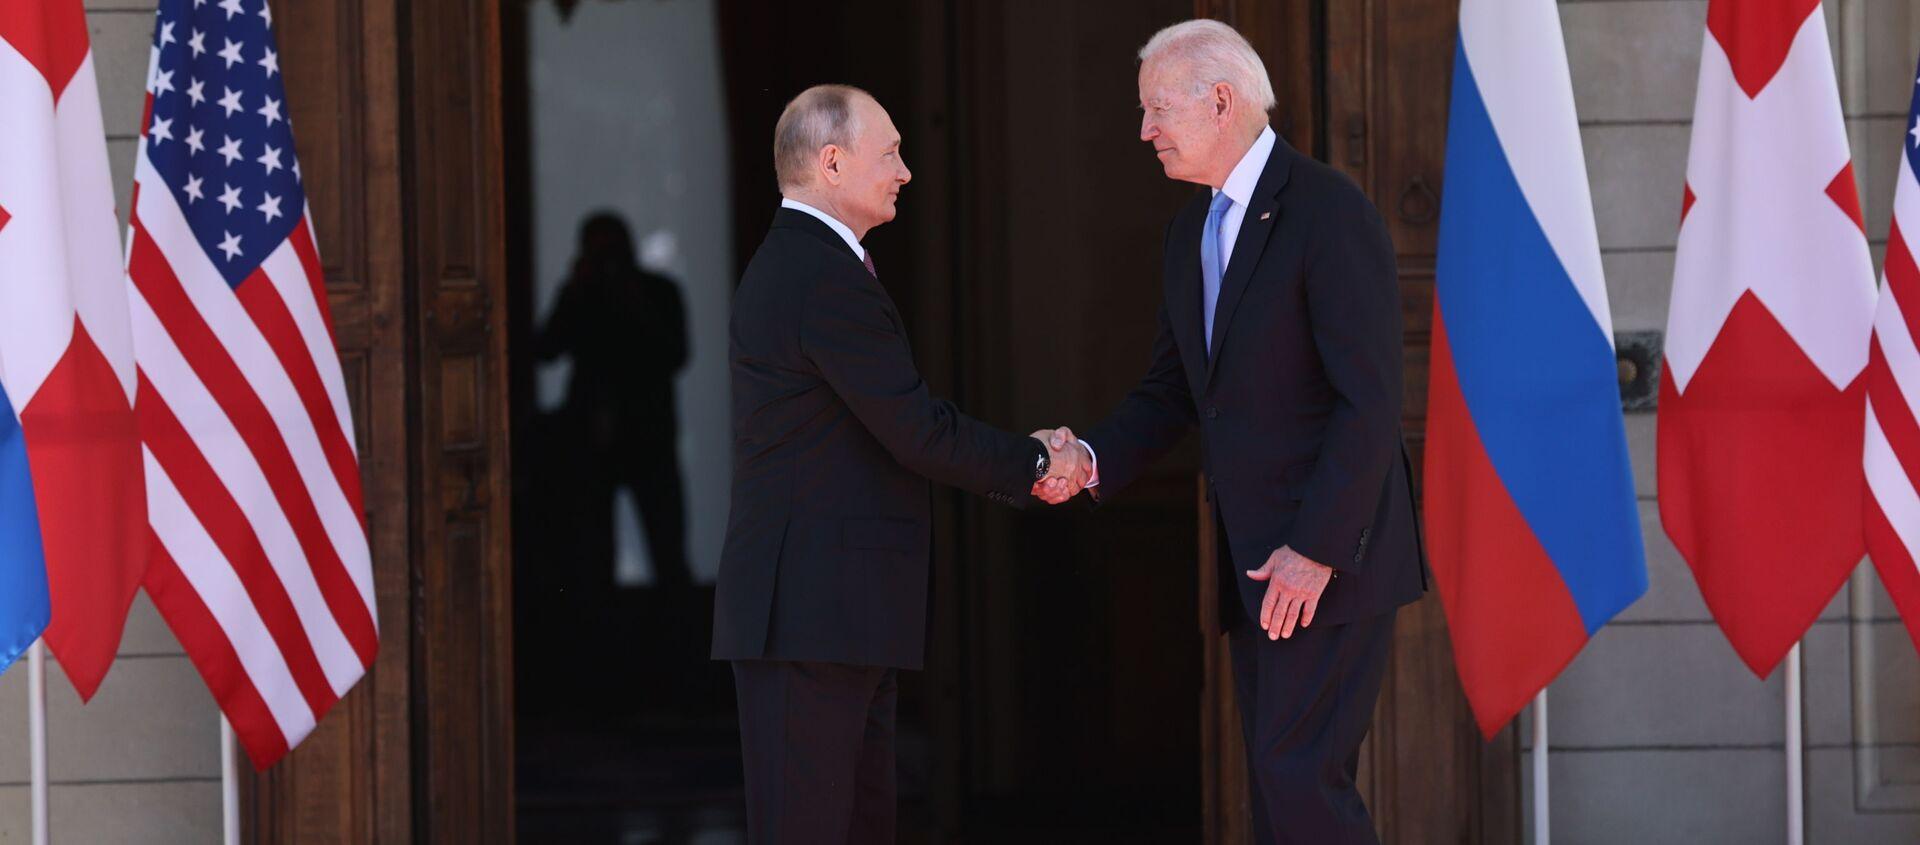 Prezydent Rosji Władimir Putin i prezydent USA Joe Biden podczas spotkania w Genewie - Sputnik Polska, 1920, 16.06.2021